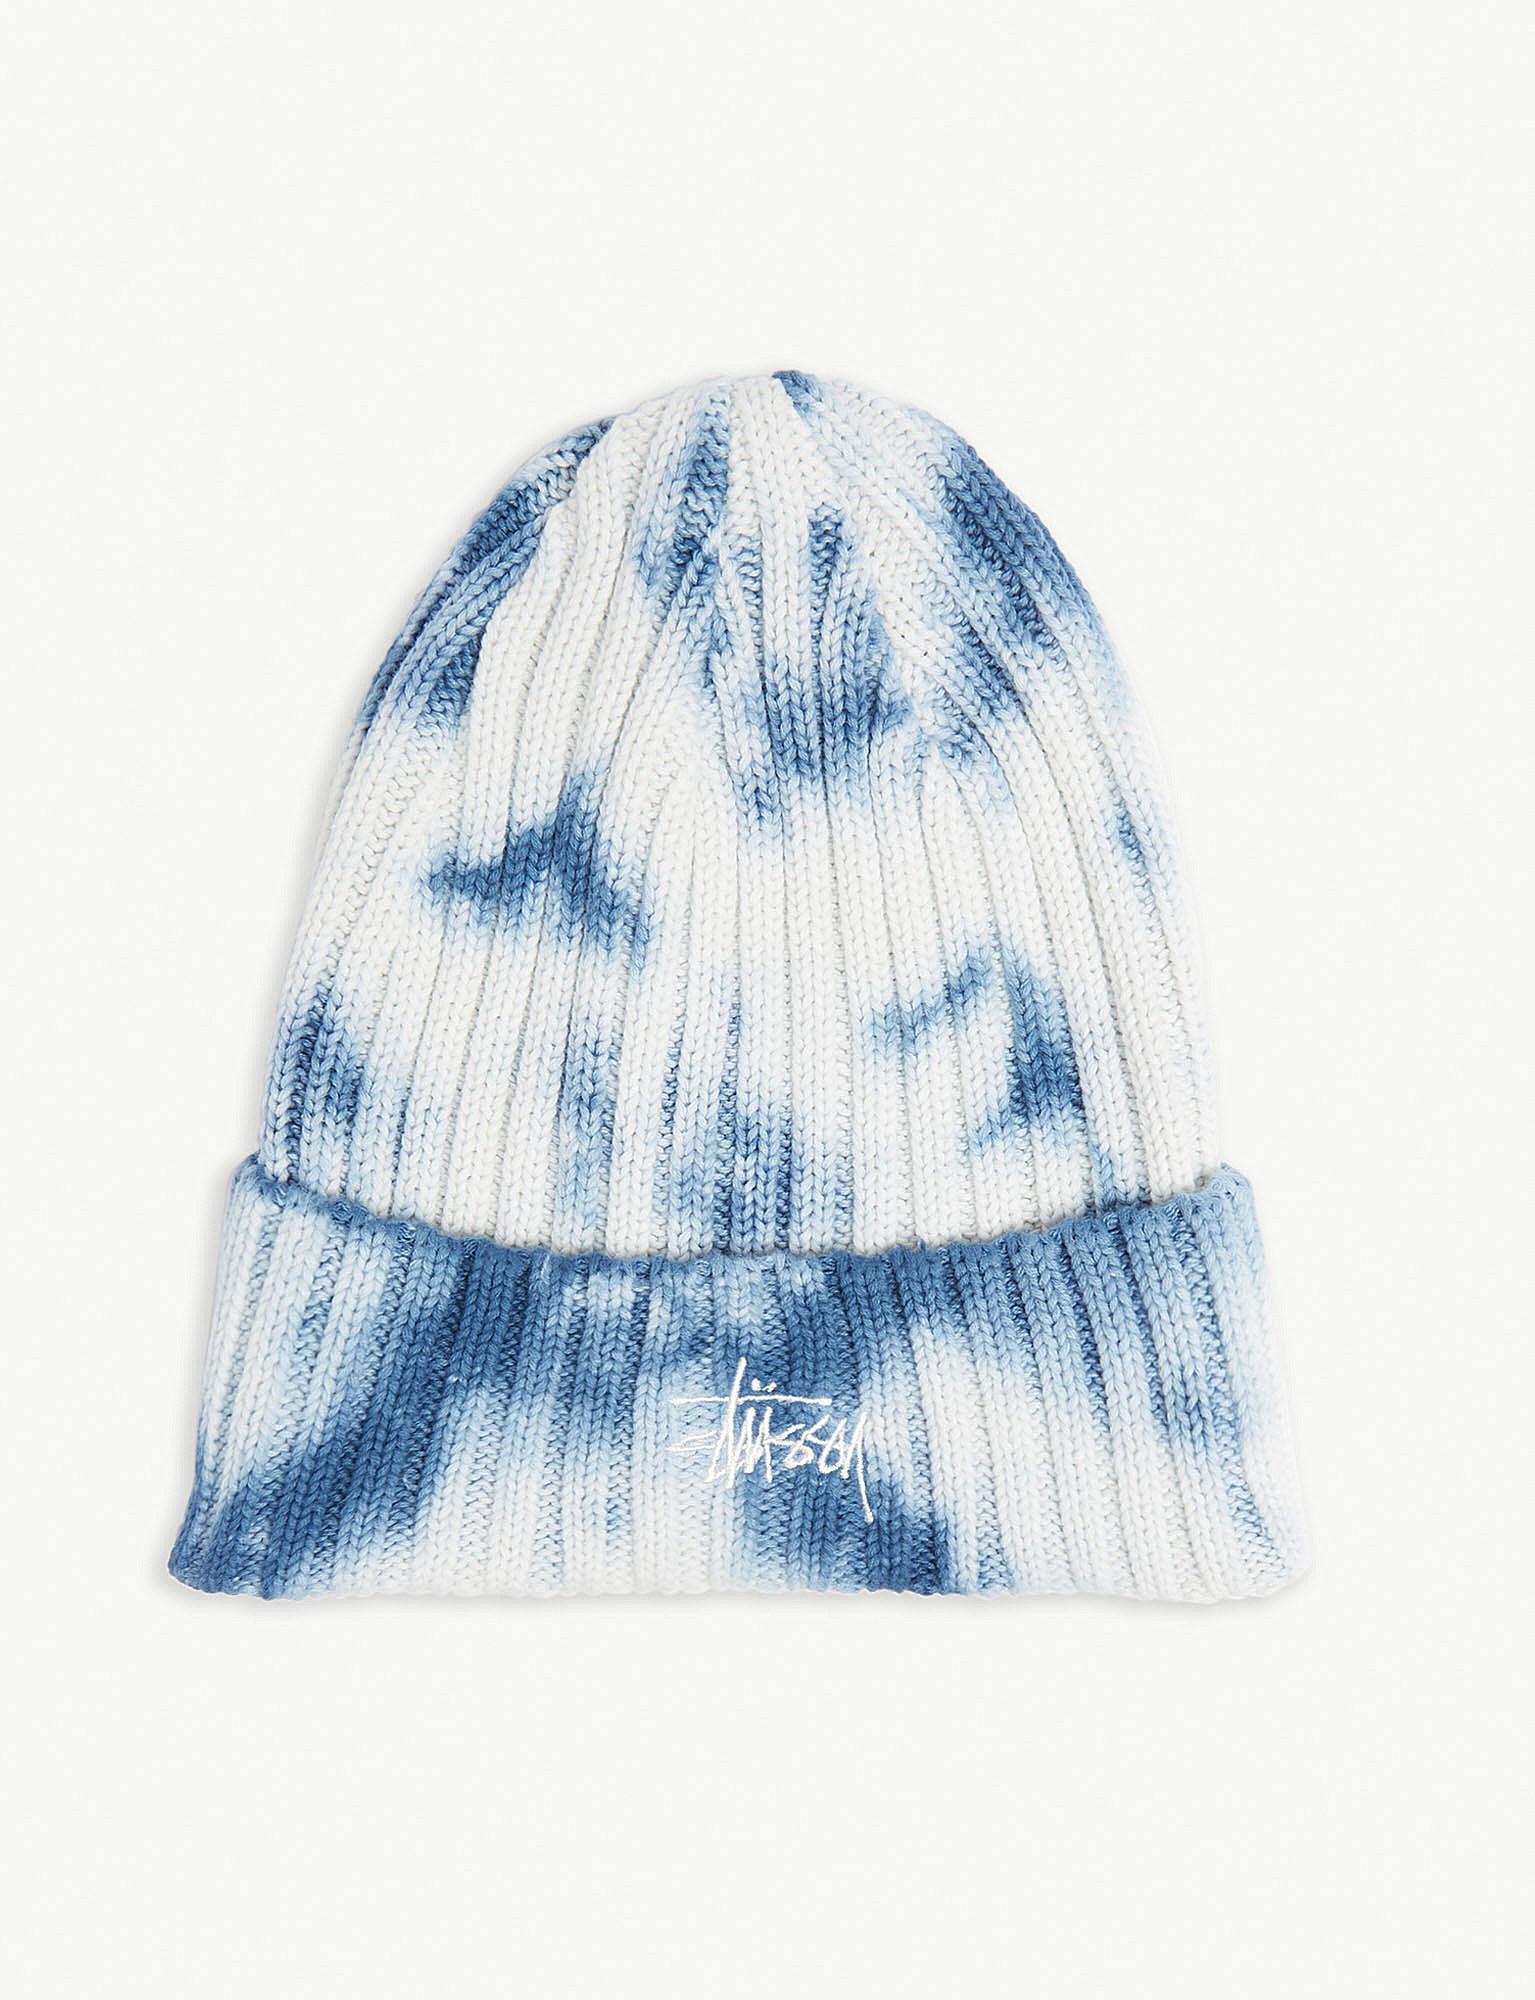 5353ead2037 Lyst - Stussy Tie-dye Cotton-knit Beanie in Blue for Men